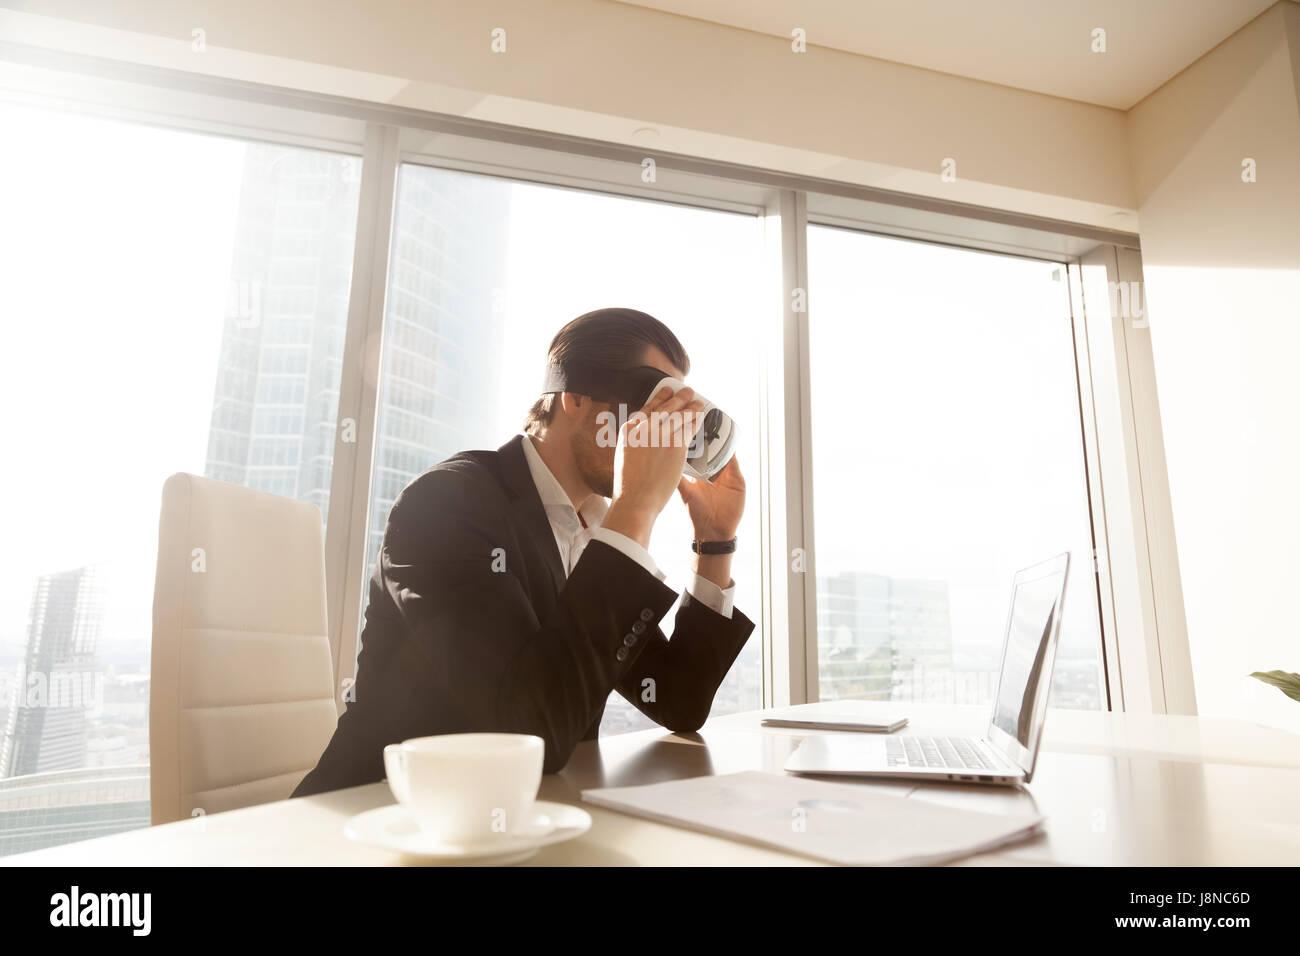 Man looking at laptop écran grâce au casque VR Banque D'Images